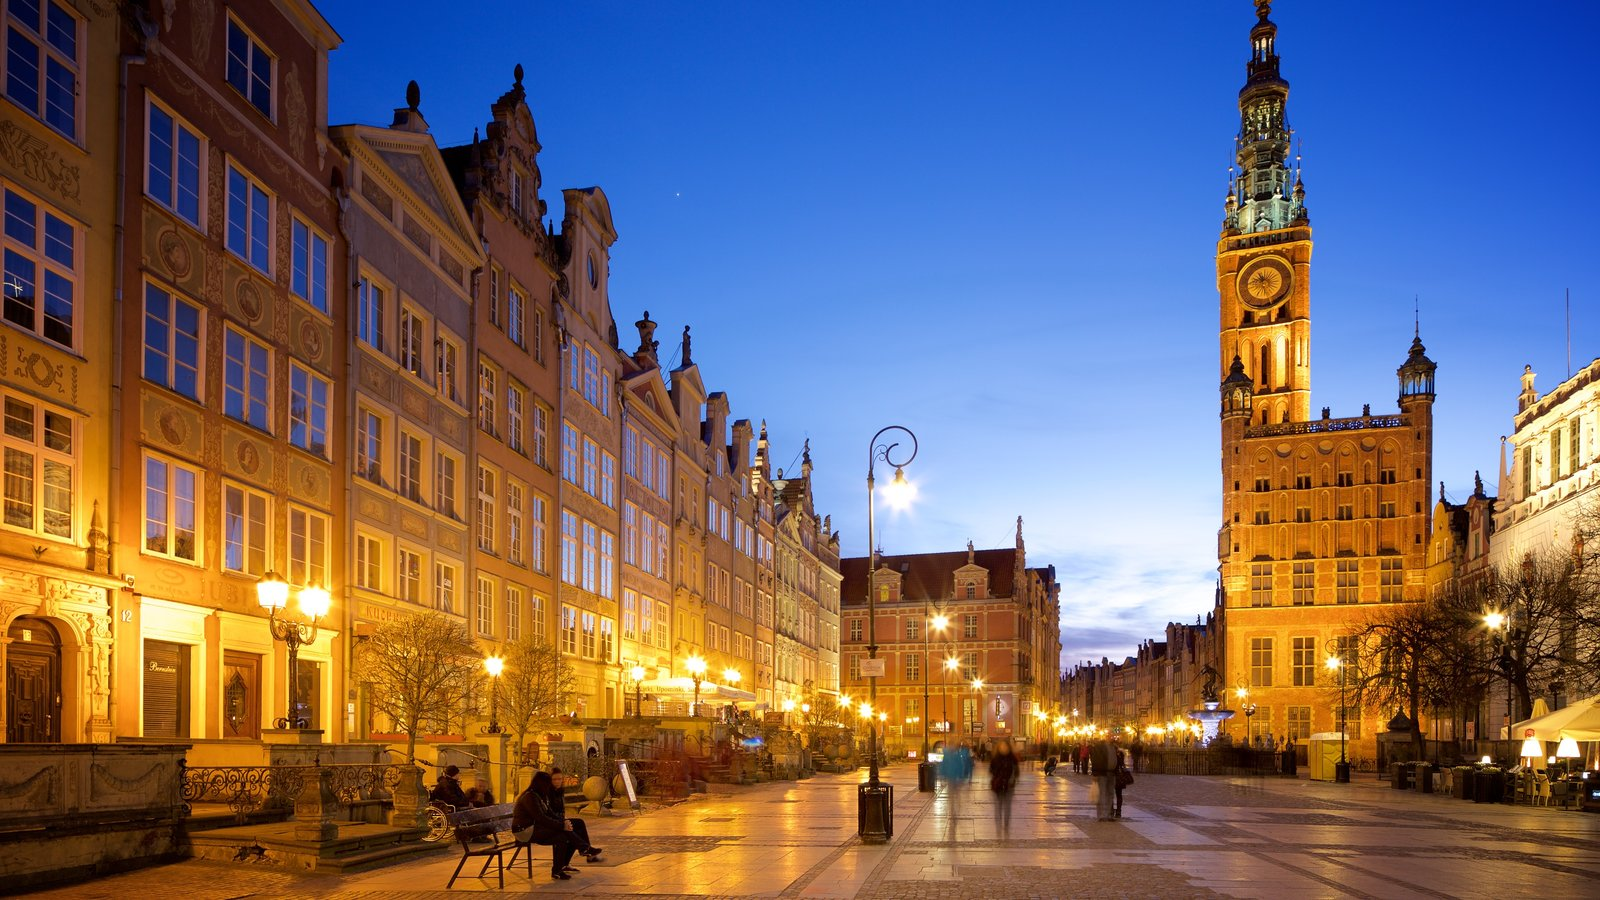 Prefeitura de Gdańsk que inclui uma cidade e cenas noturnas